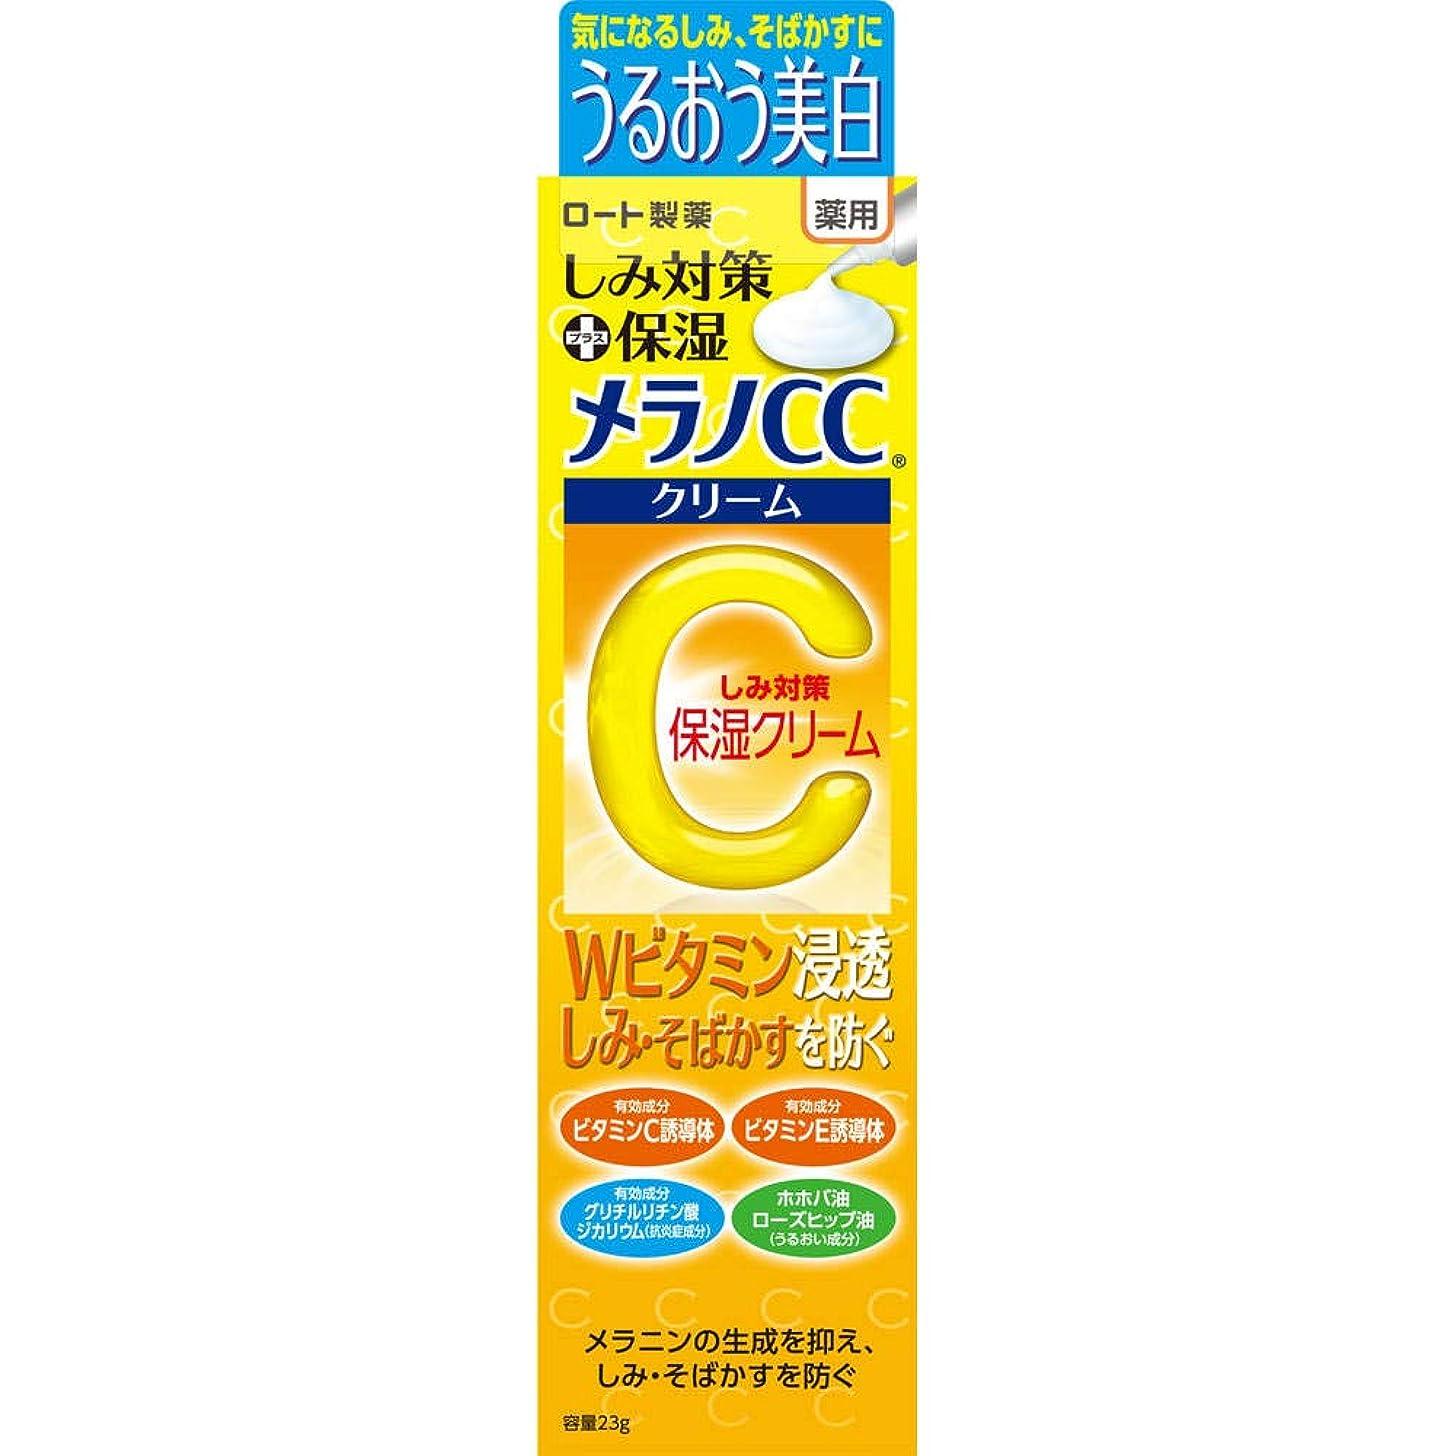 骨髄抽出保持メラノCC 薬用しみ対策 保湿クリーム 23g